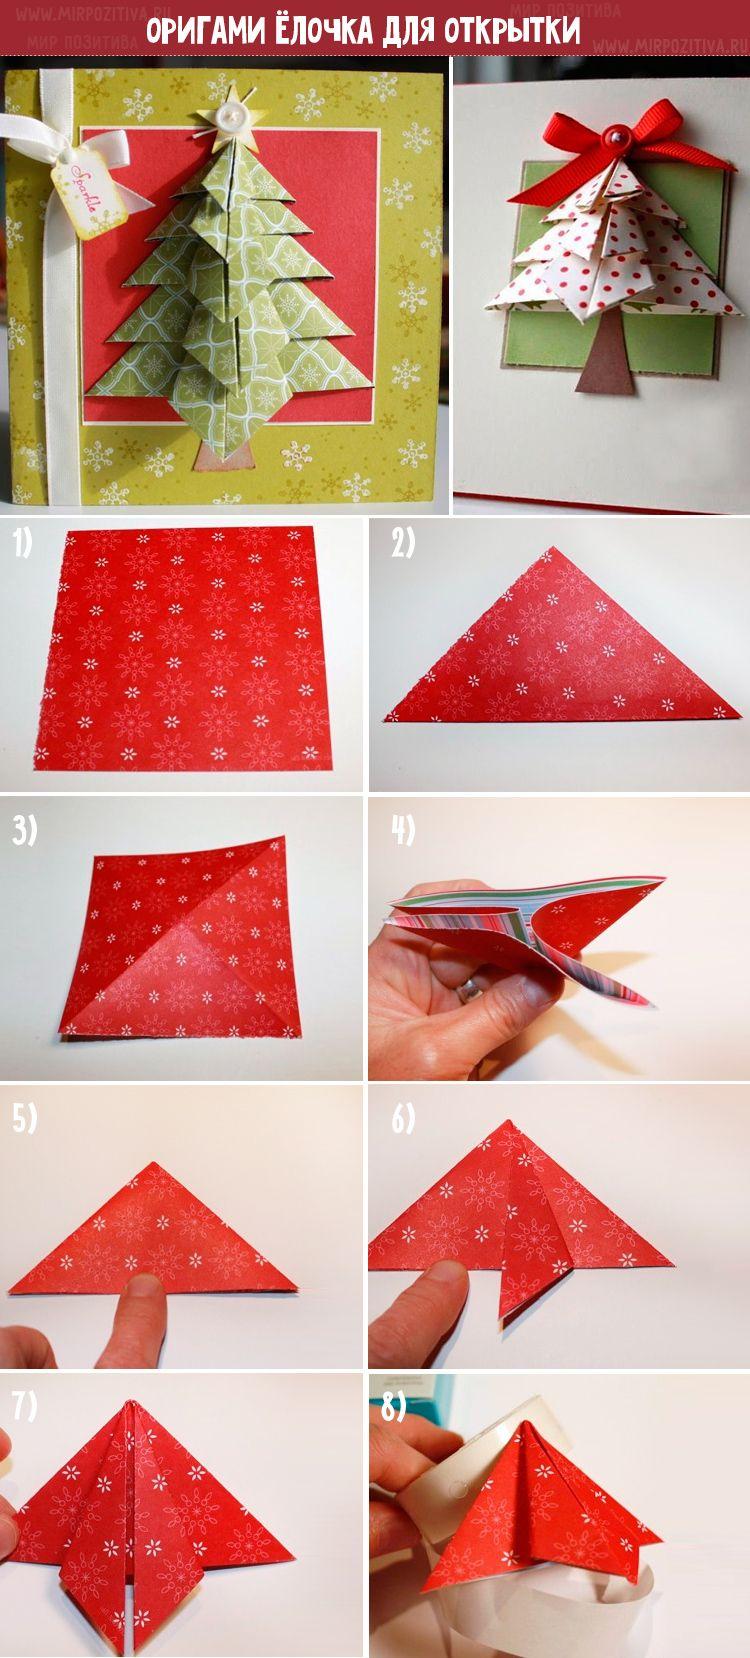 Оригами открытки